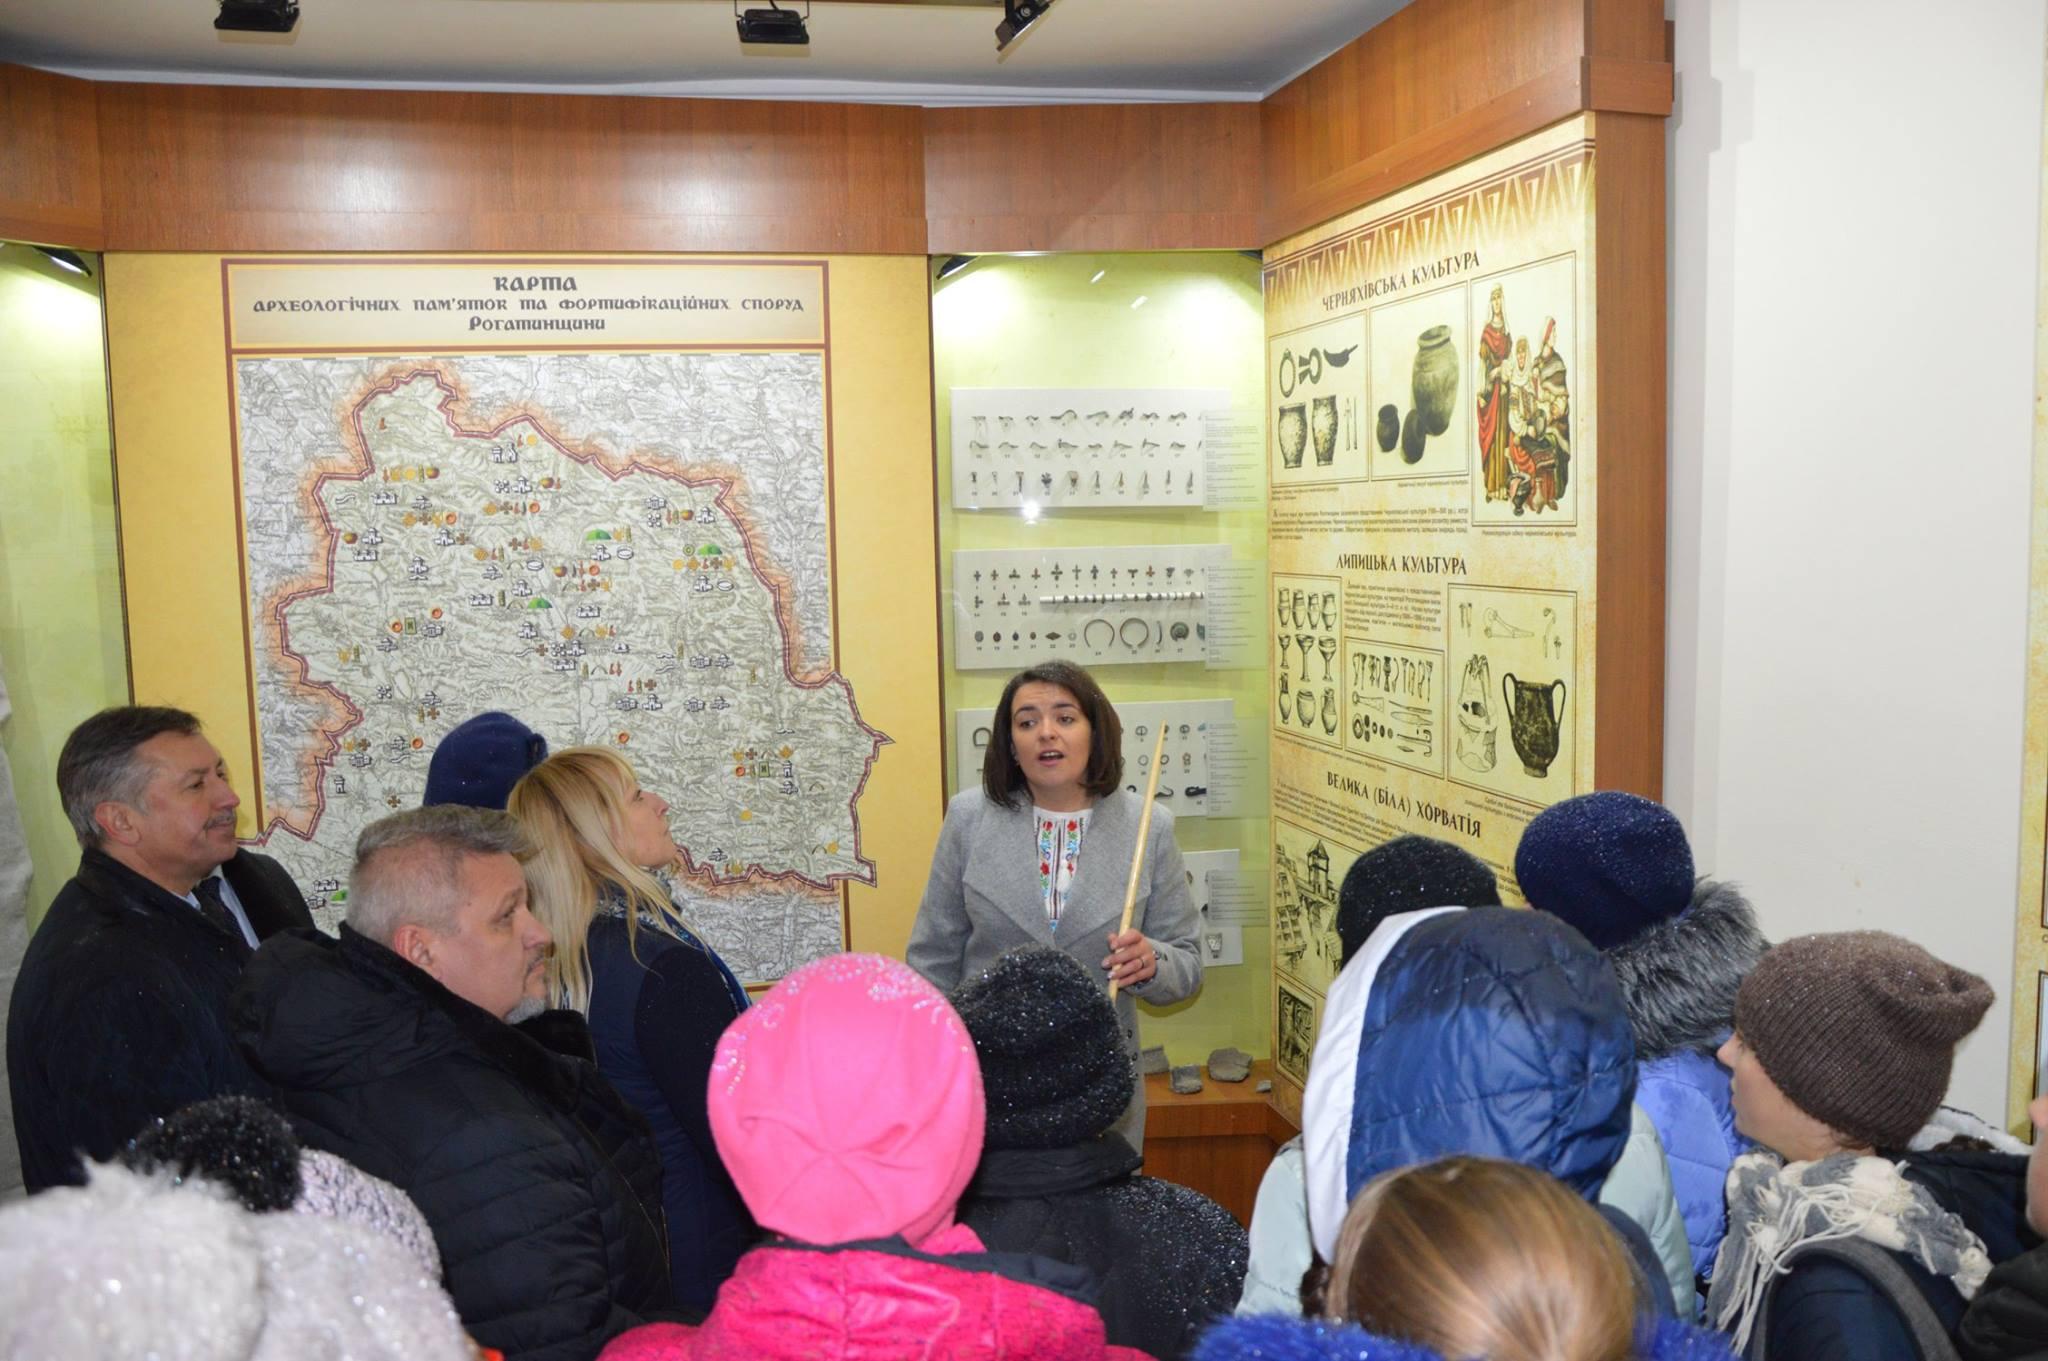 Першу екскурсію музеєм проводить О. Блага